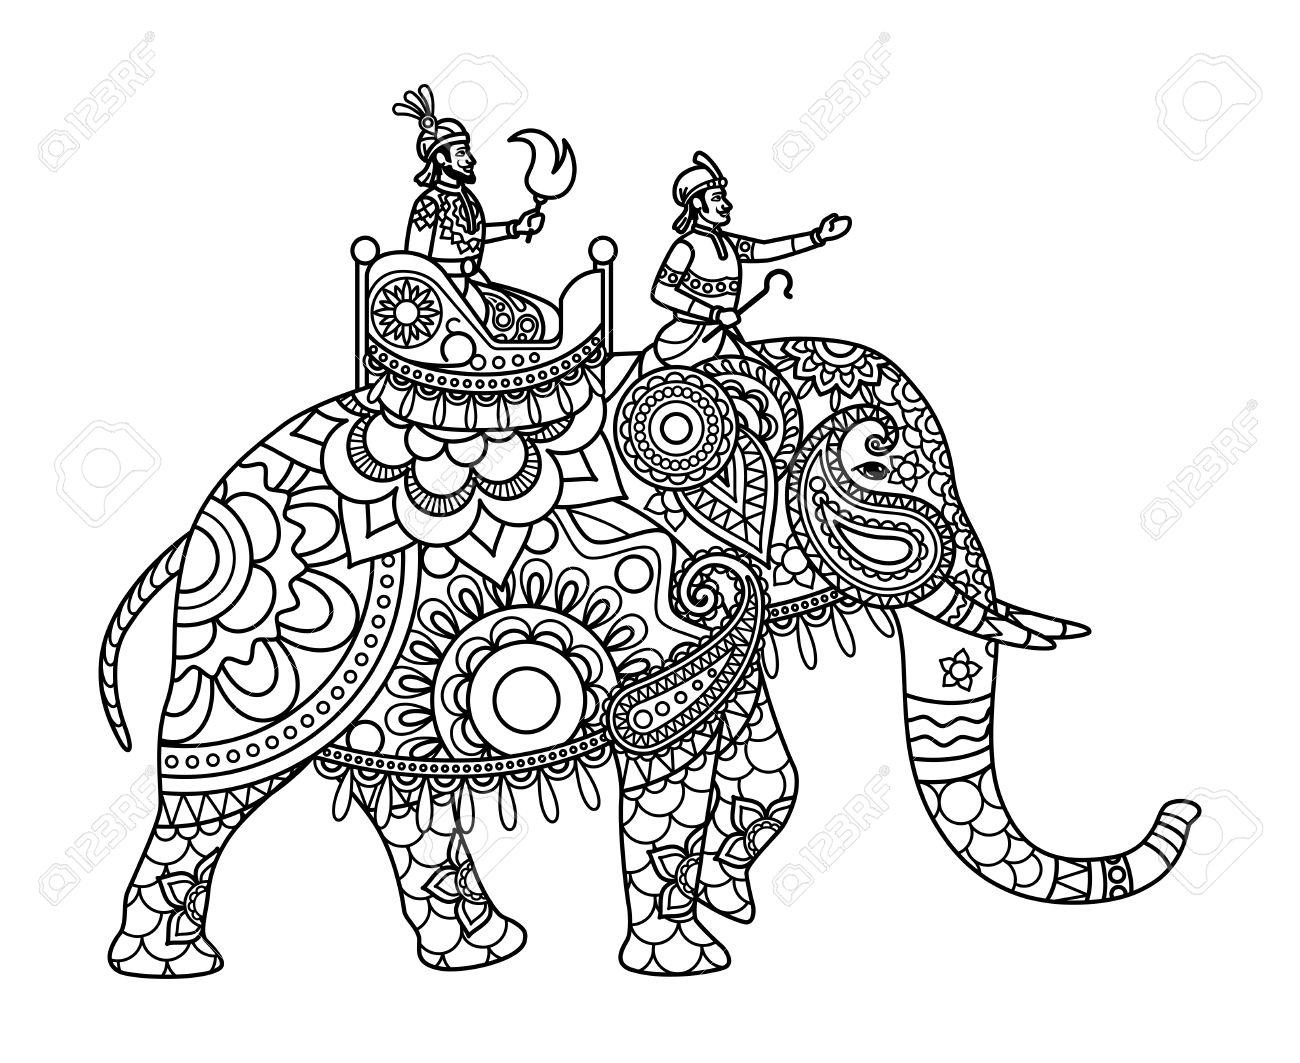 Maharadjah Indien Sur Le Modele Des Pages De Coloriage D Elephant Vector Illustration Clip Art Libres De Droits Vecteurs Et Illustration Image 59693741